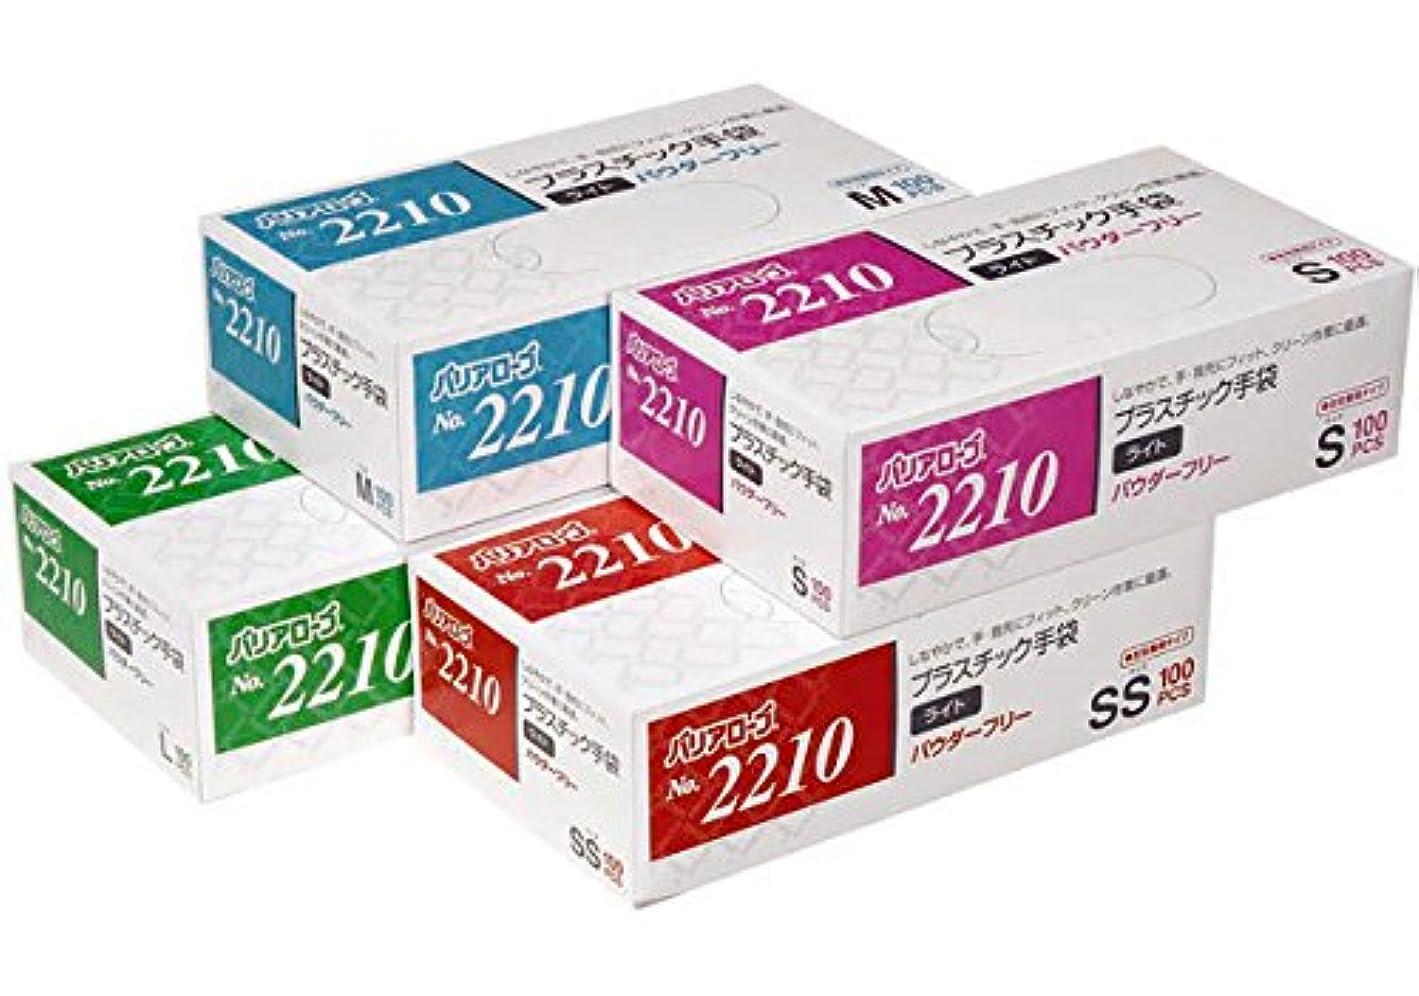 シットコム余暇軽くリーブル バリアローブ No.2210 プラスチック手袋ライトPF Mサイズ(100枚入×20箱) 1ケース